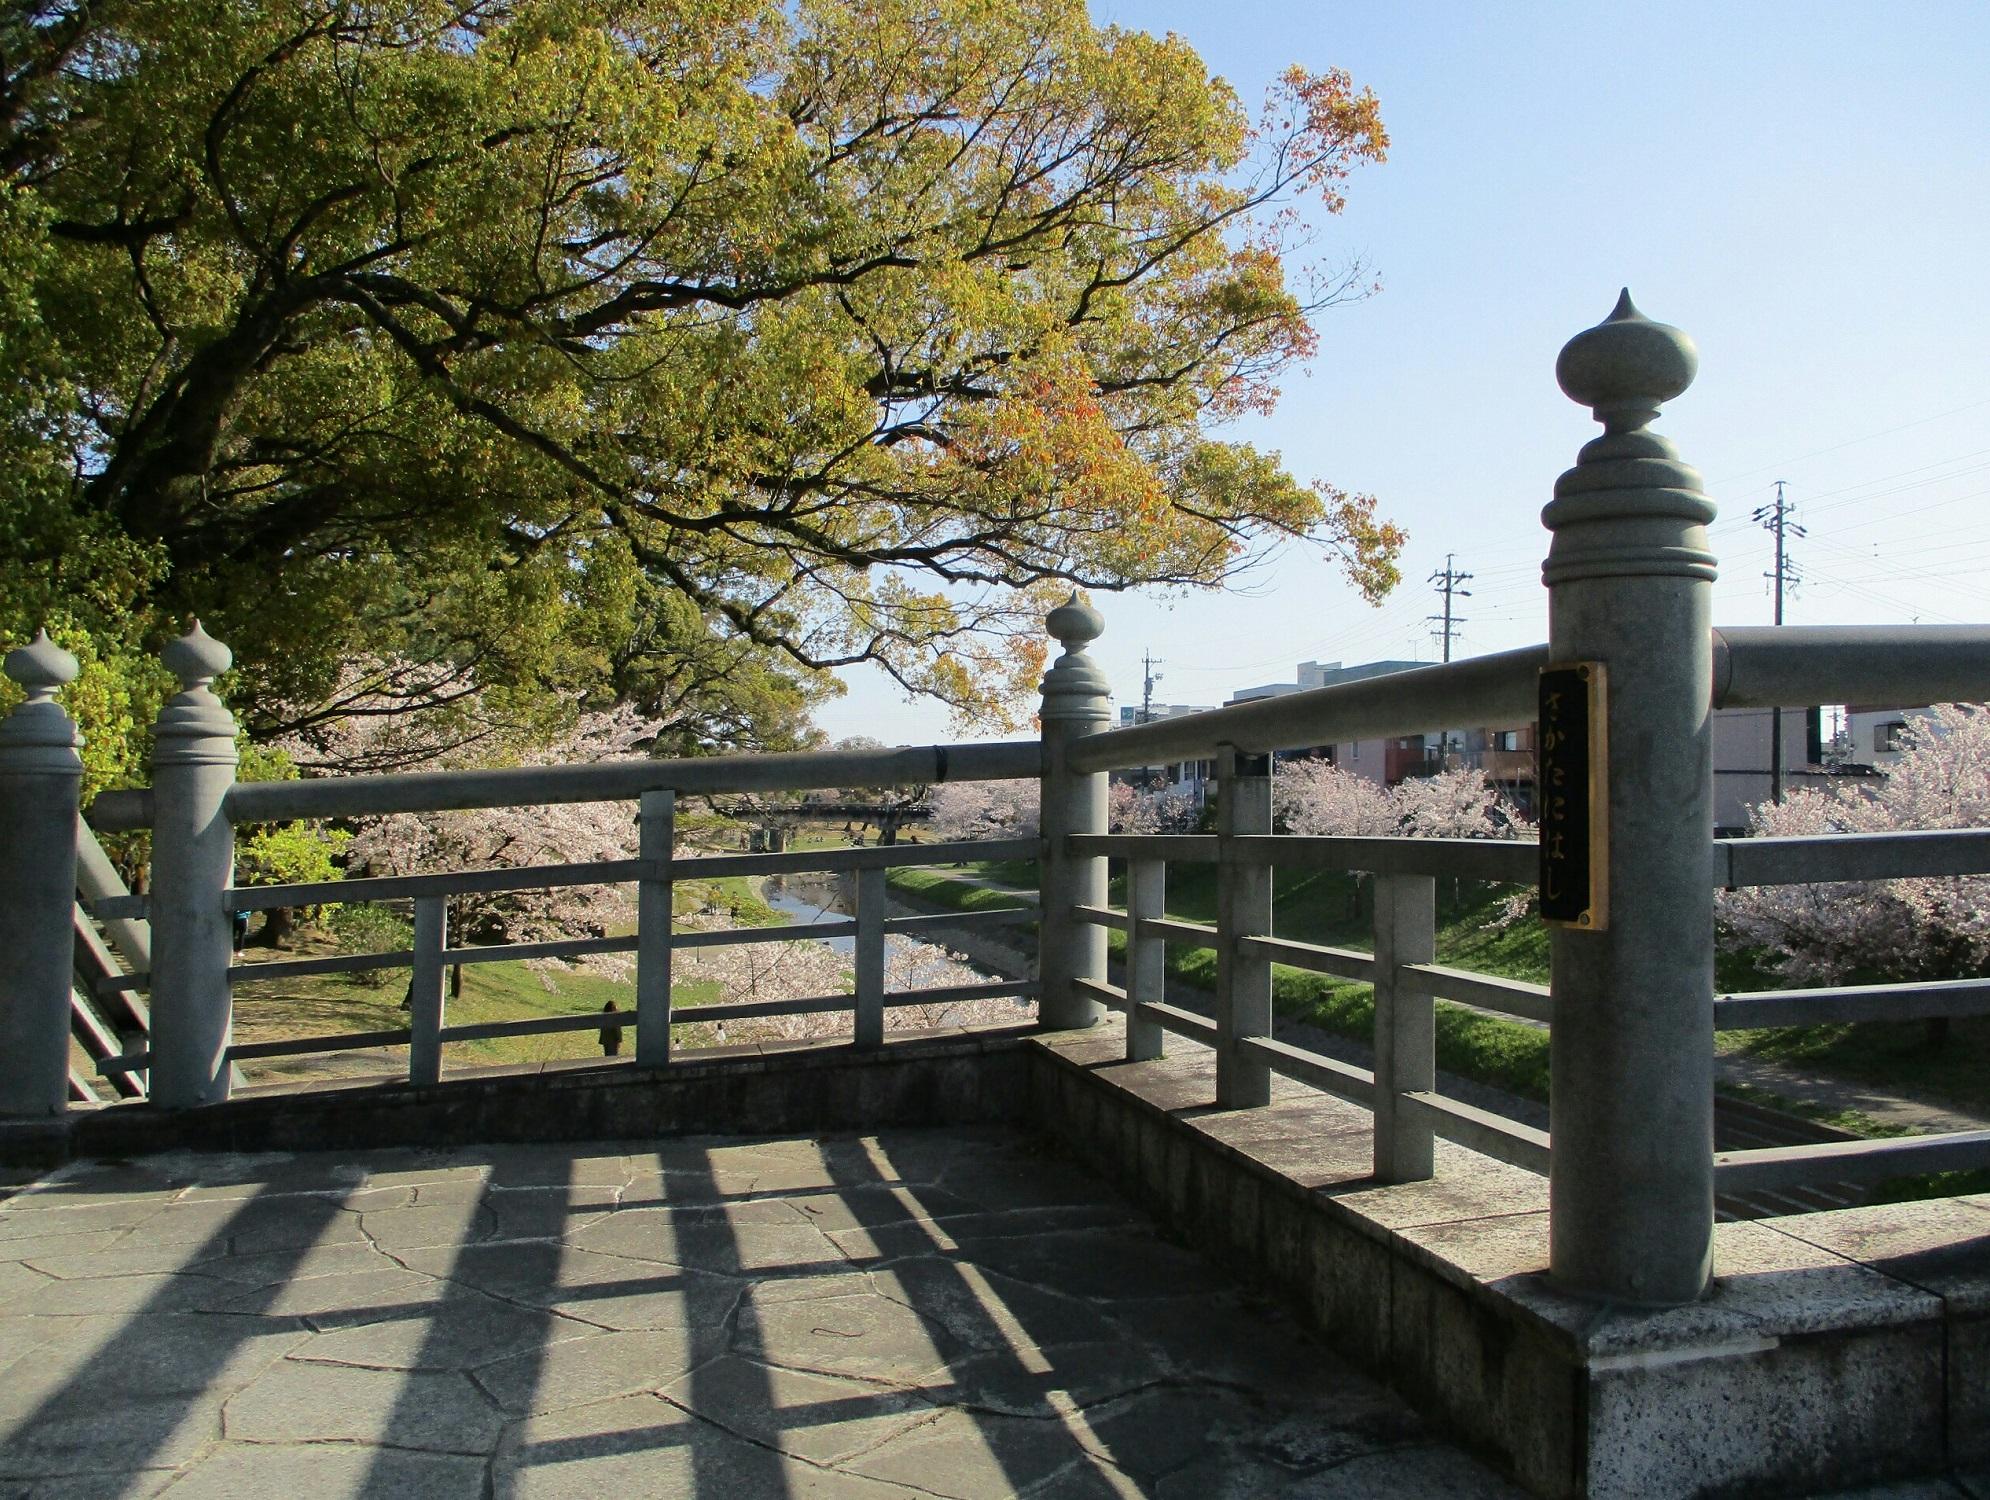 2019.4.9 (31) 岡崎公園 - 坂谷橋 1990-1500